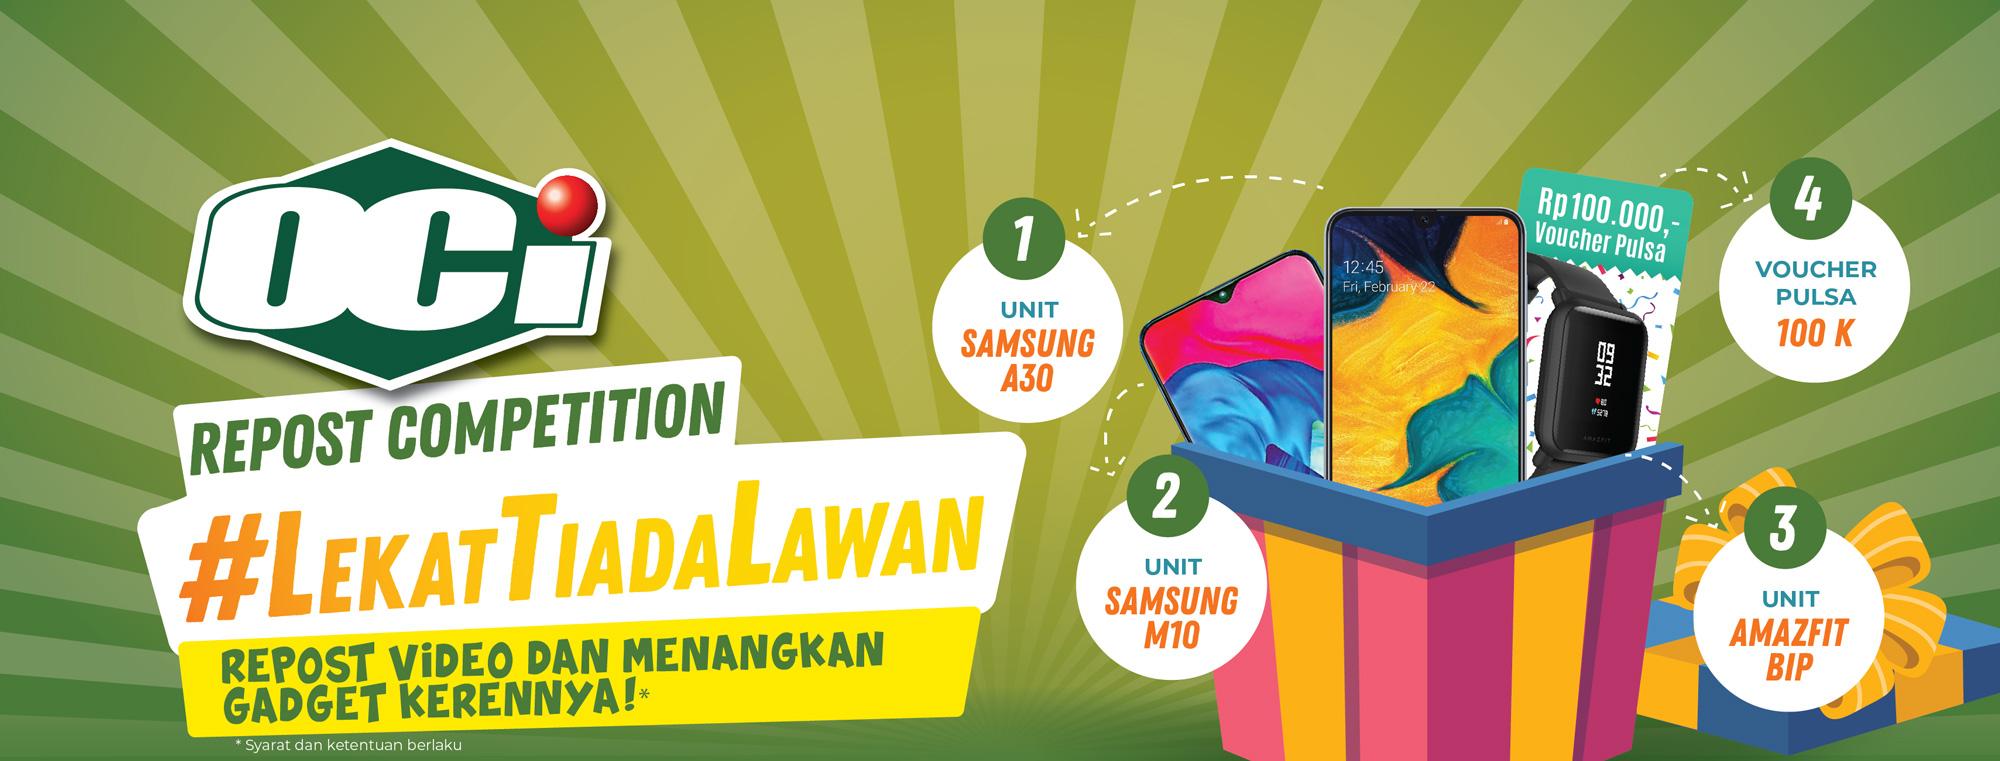 oci repost competition #lekattiadalawan - lekat tiada lawan